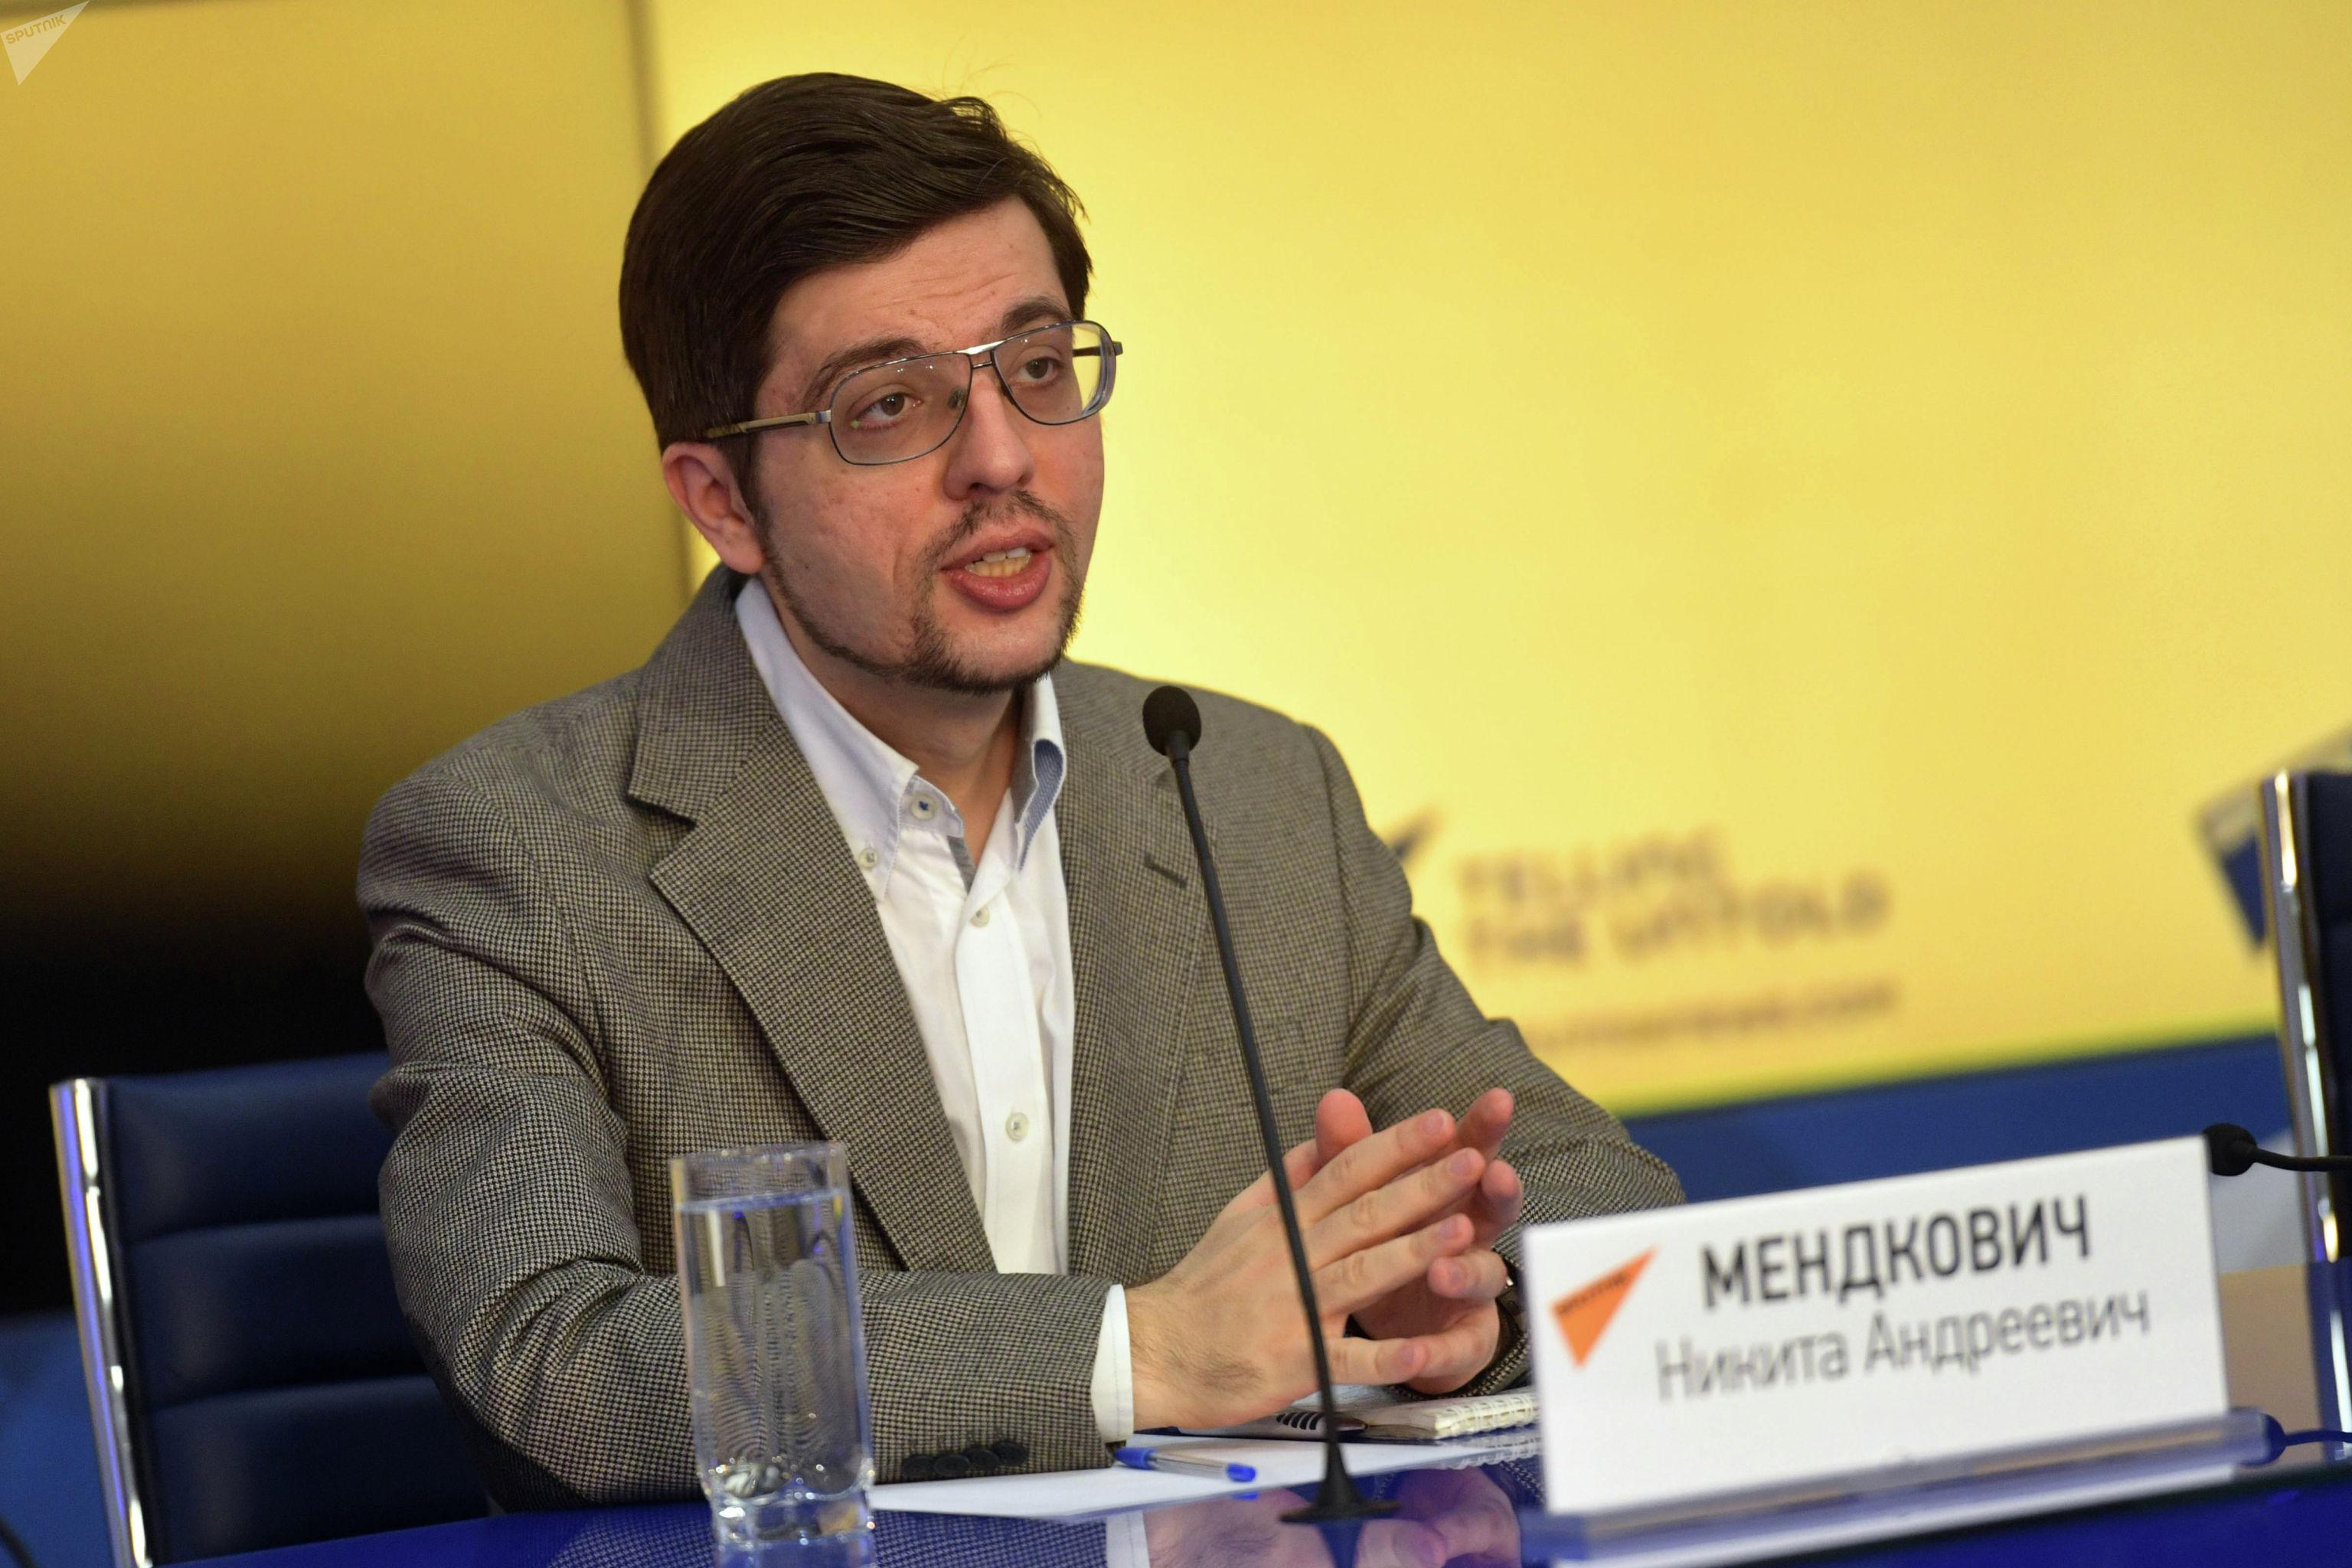 Политолог, председатель Евразийского аналитического клуба Никита Мендкович на пресс-конференции организованного МИА Россия сегодня.